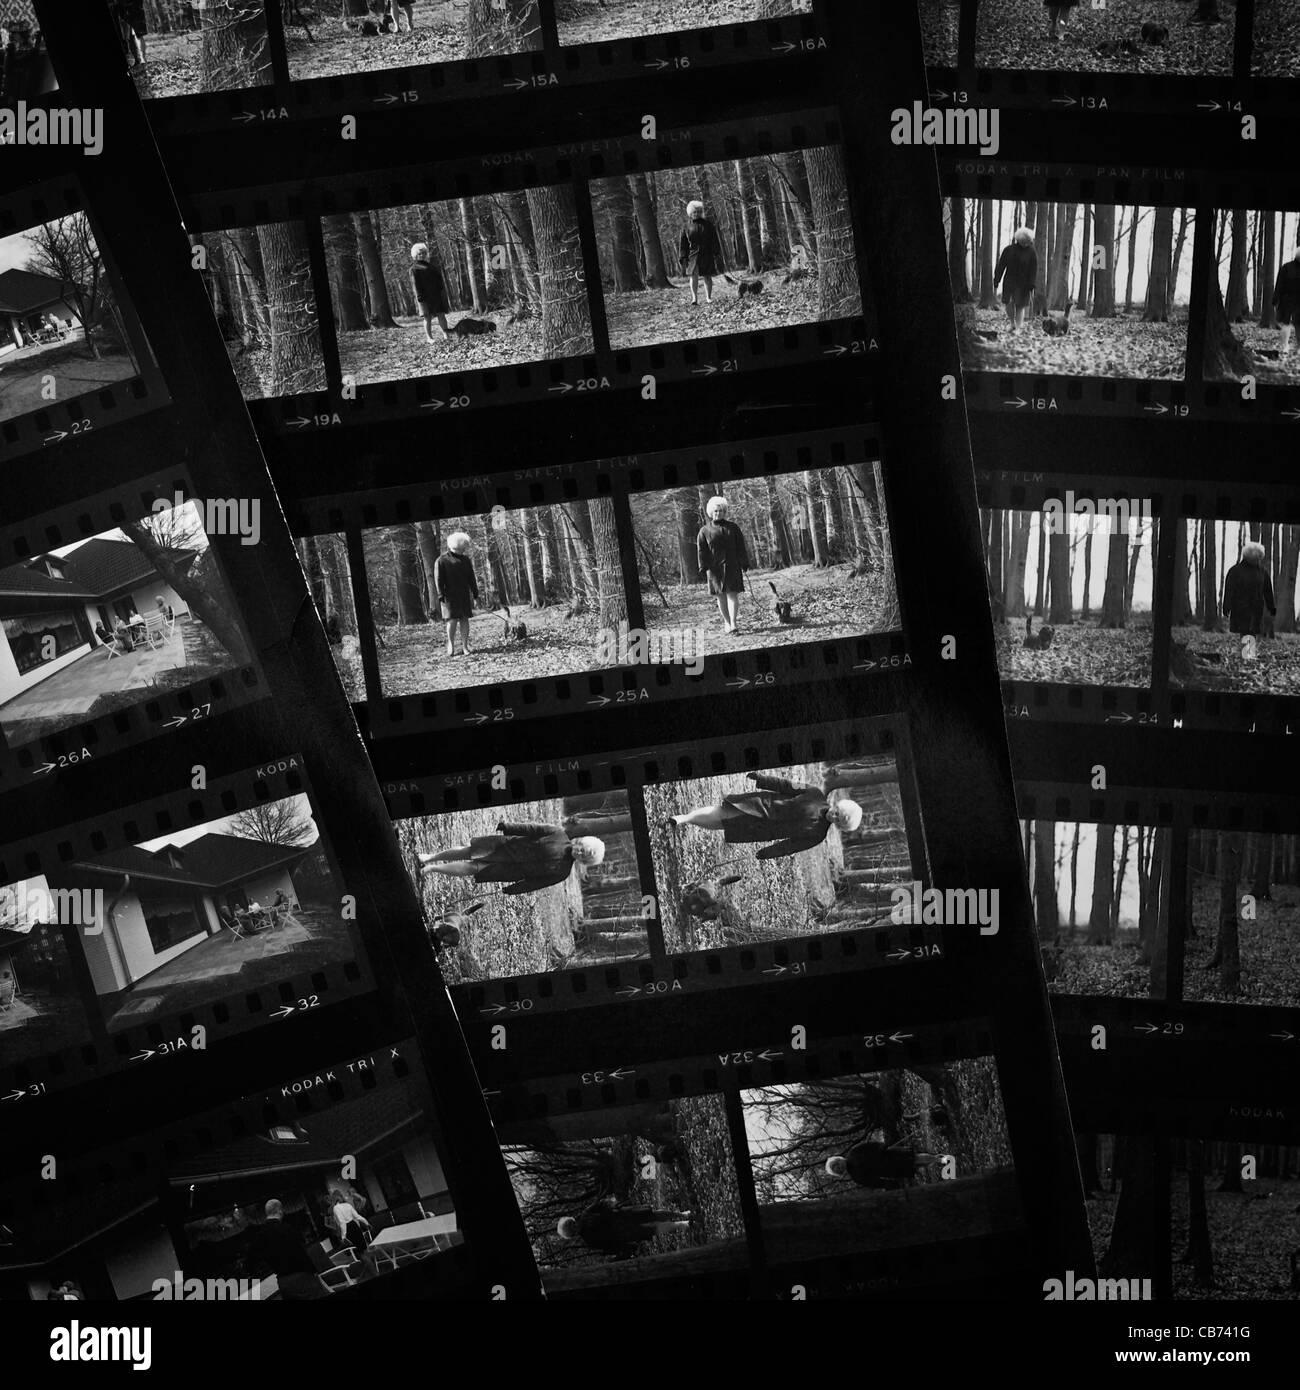 Póngase en contacto con impresiones en blanco y negro desde el decenio de 1960. Imagen De Stock